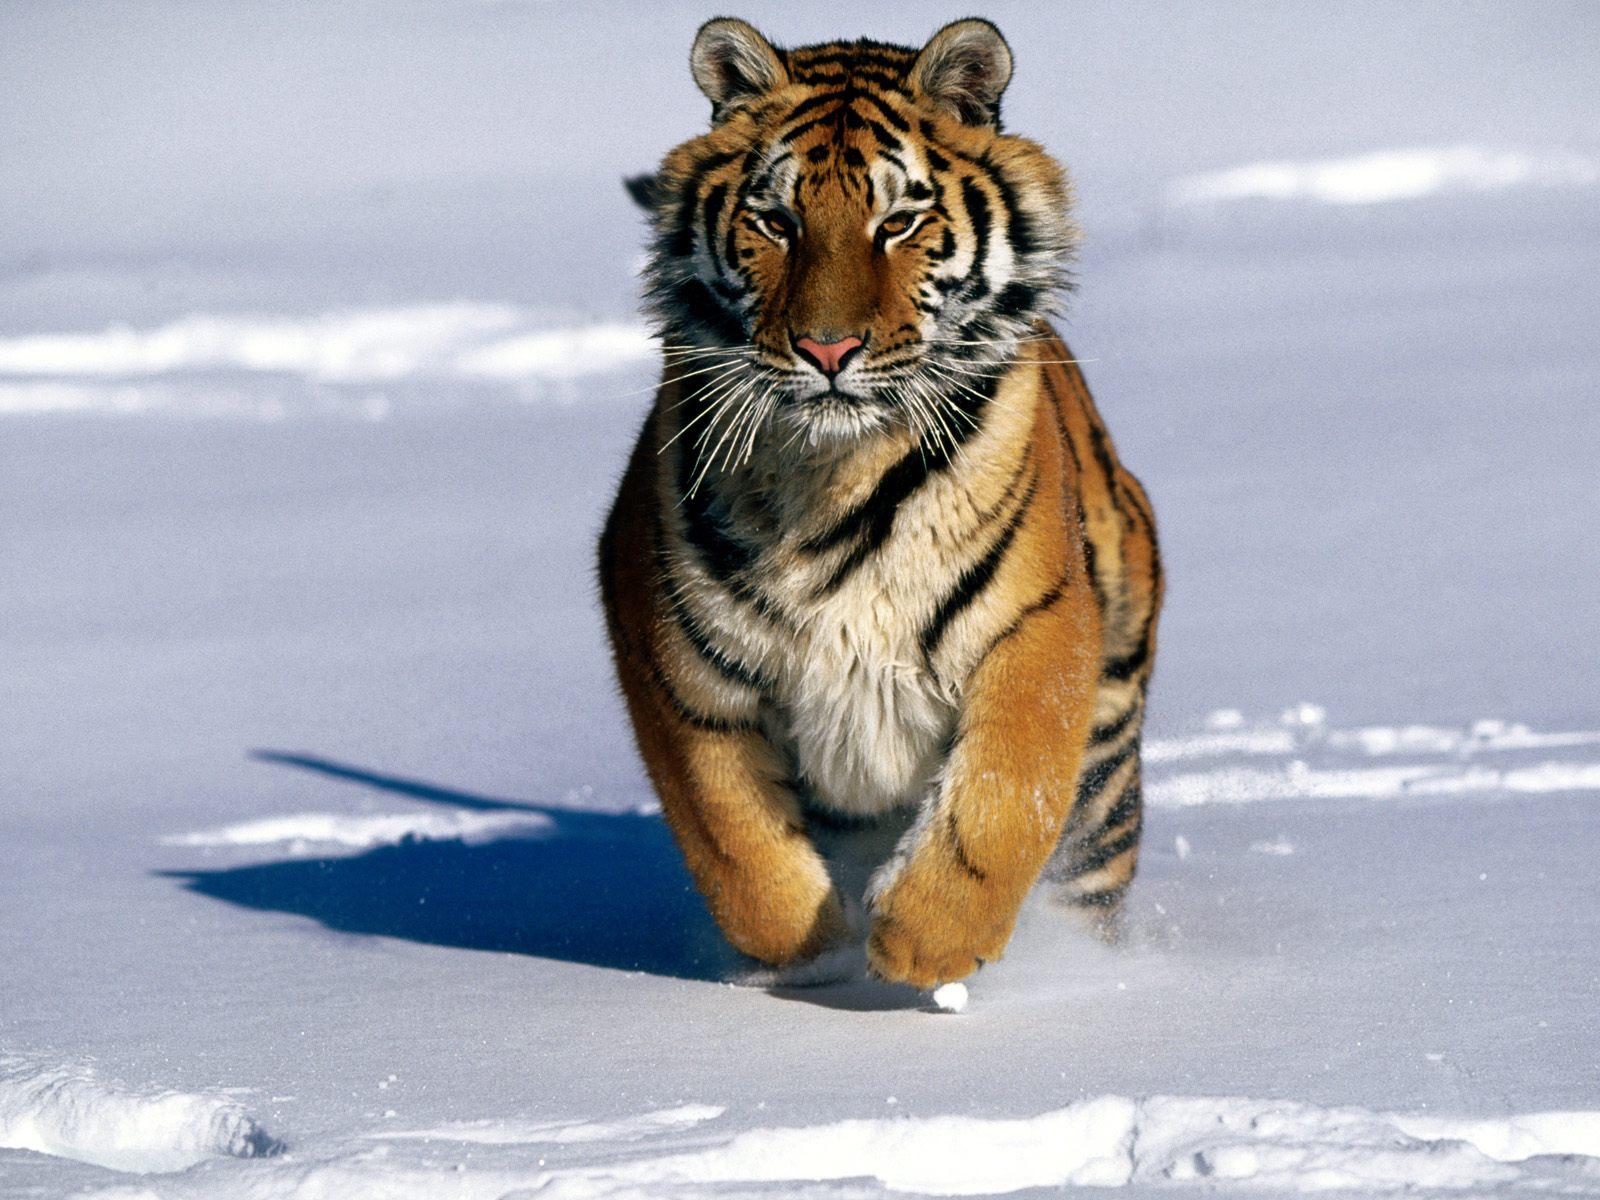 http://3.bp.blogspot.com/-pfddAnxFomg/UFXwiYmdPUI/AAAAAAAAEOc/fCi7QgkL8BU/s1600/Charge+Siberian+Tiger.jpg